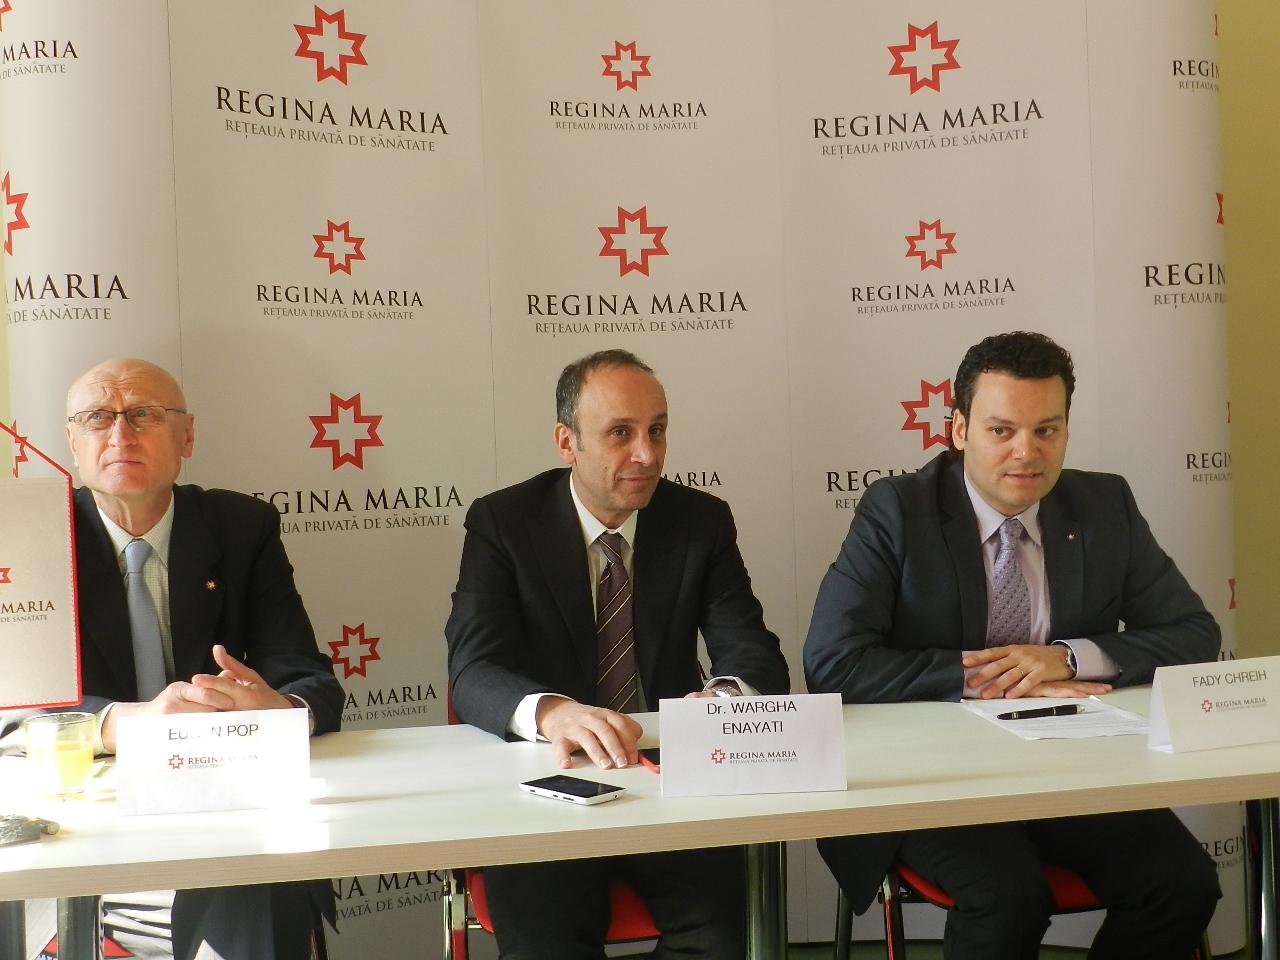 """""""Regina Maria iubește Clujul""""! S-a deschis a doua policlinică Regina Maria din Cluj-Napoca, în urma unei investiții de 300.000 de euro"""